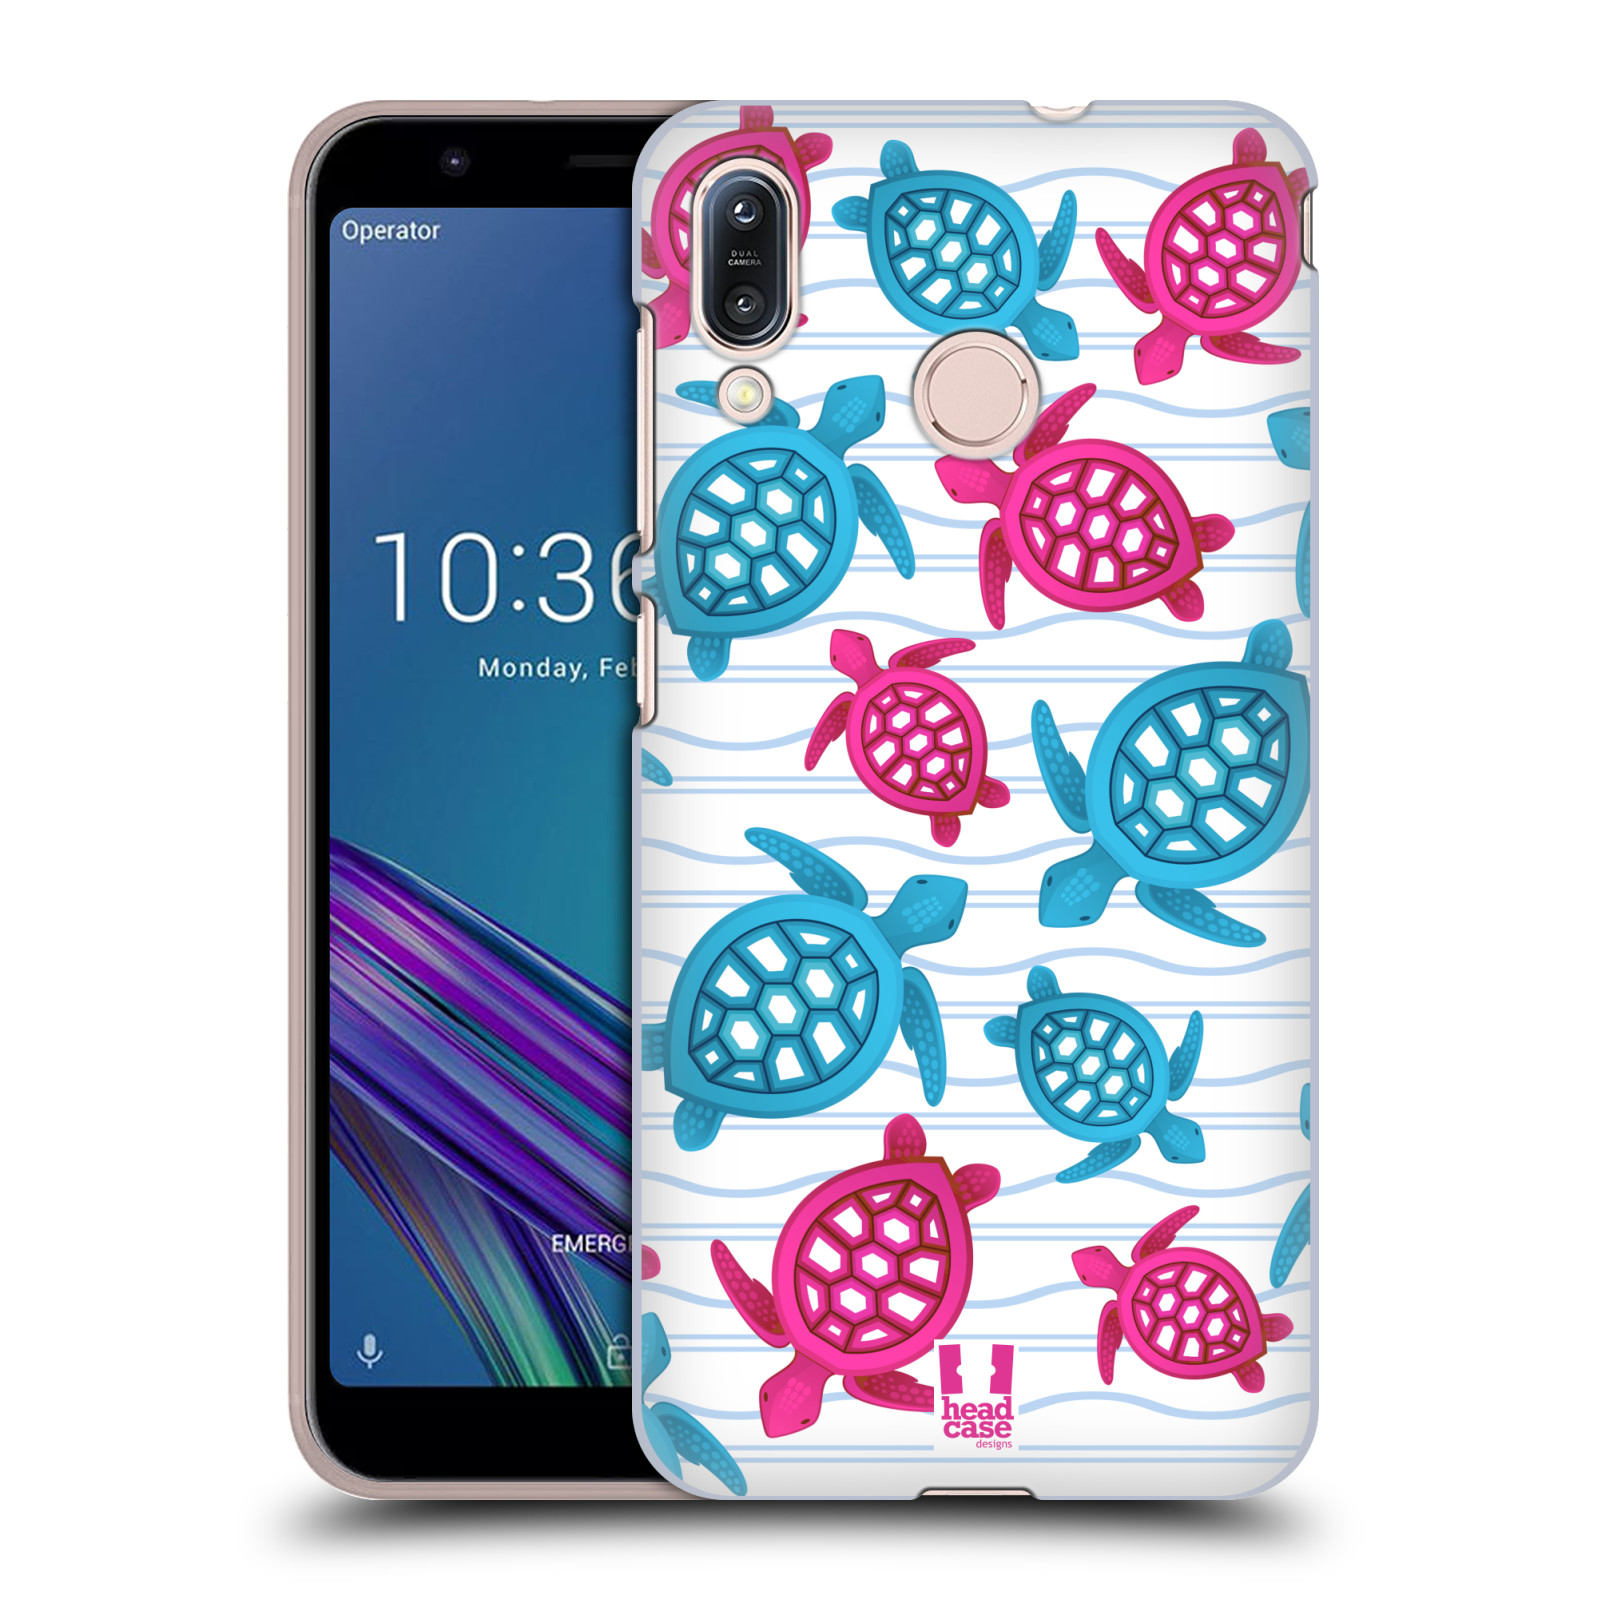 Pouzdro na mobil Asus Zenfone Max M1 (ZB555KL) - HEAD CASE - vzor mořský živočich želva modrá a růžová